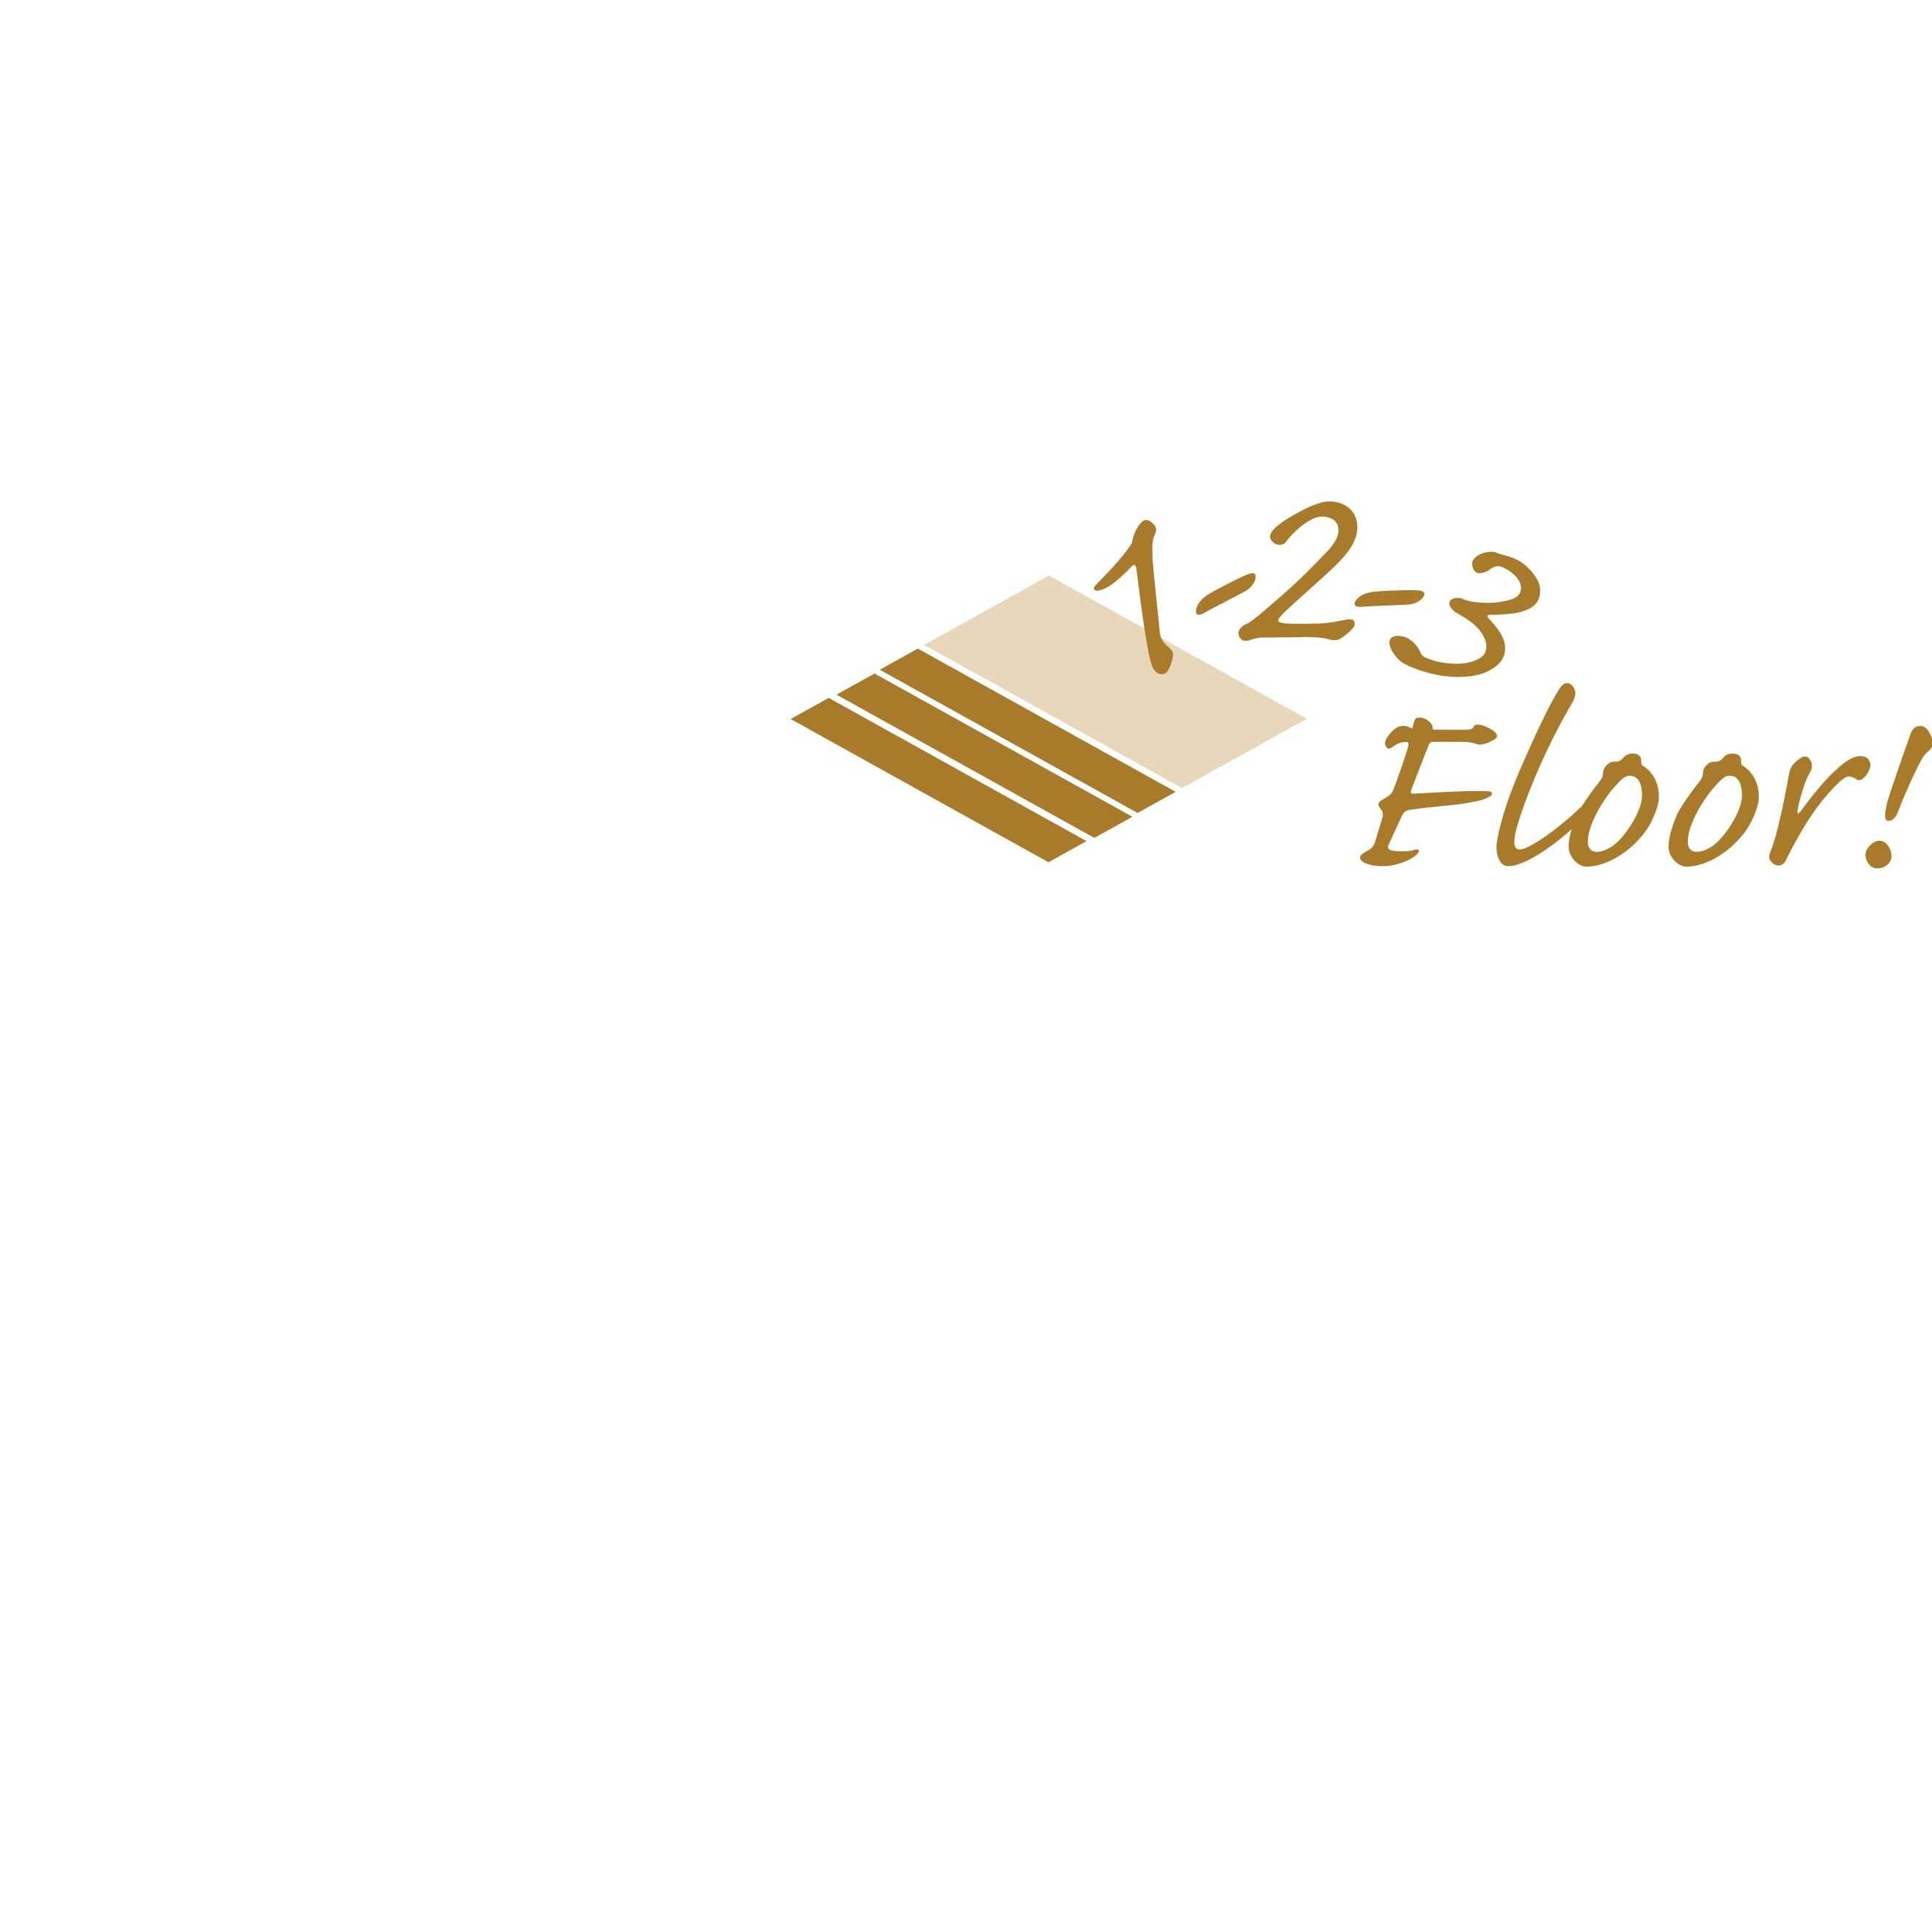 1-2-3 Floor! image 22